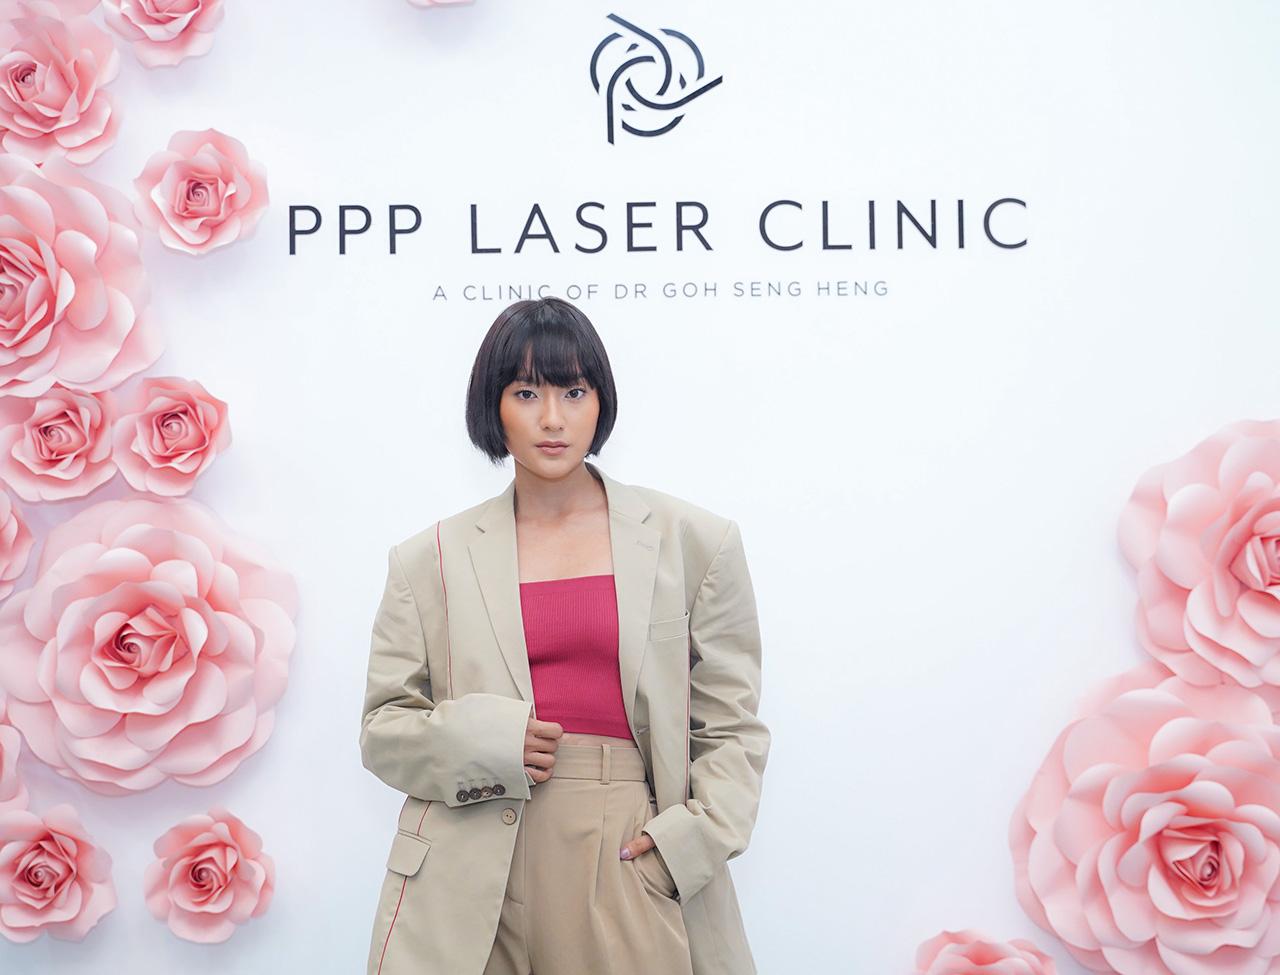 PPP Laser Clinic ra mắt diện mạo mới